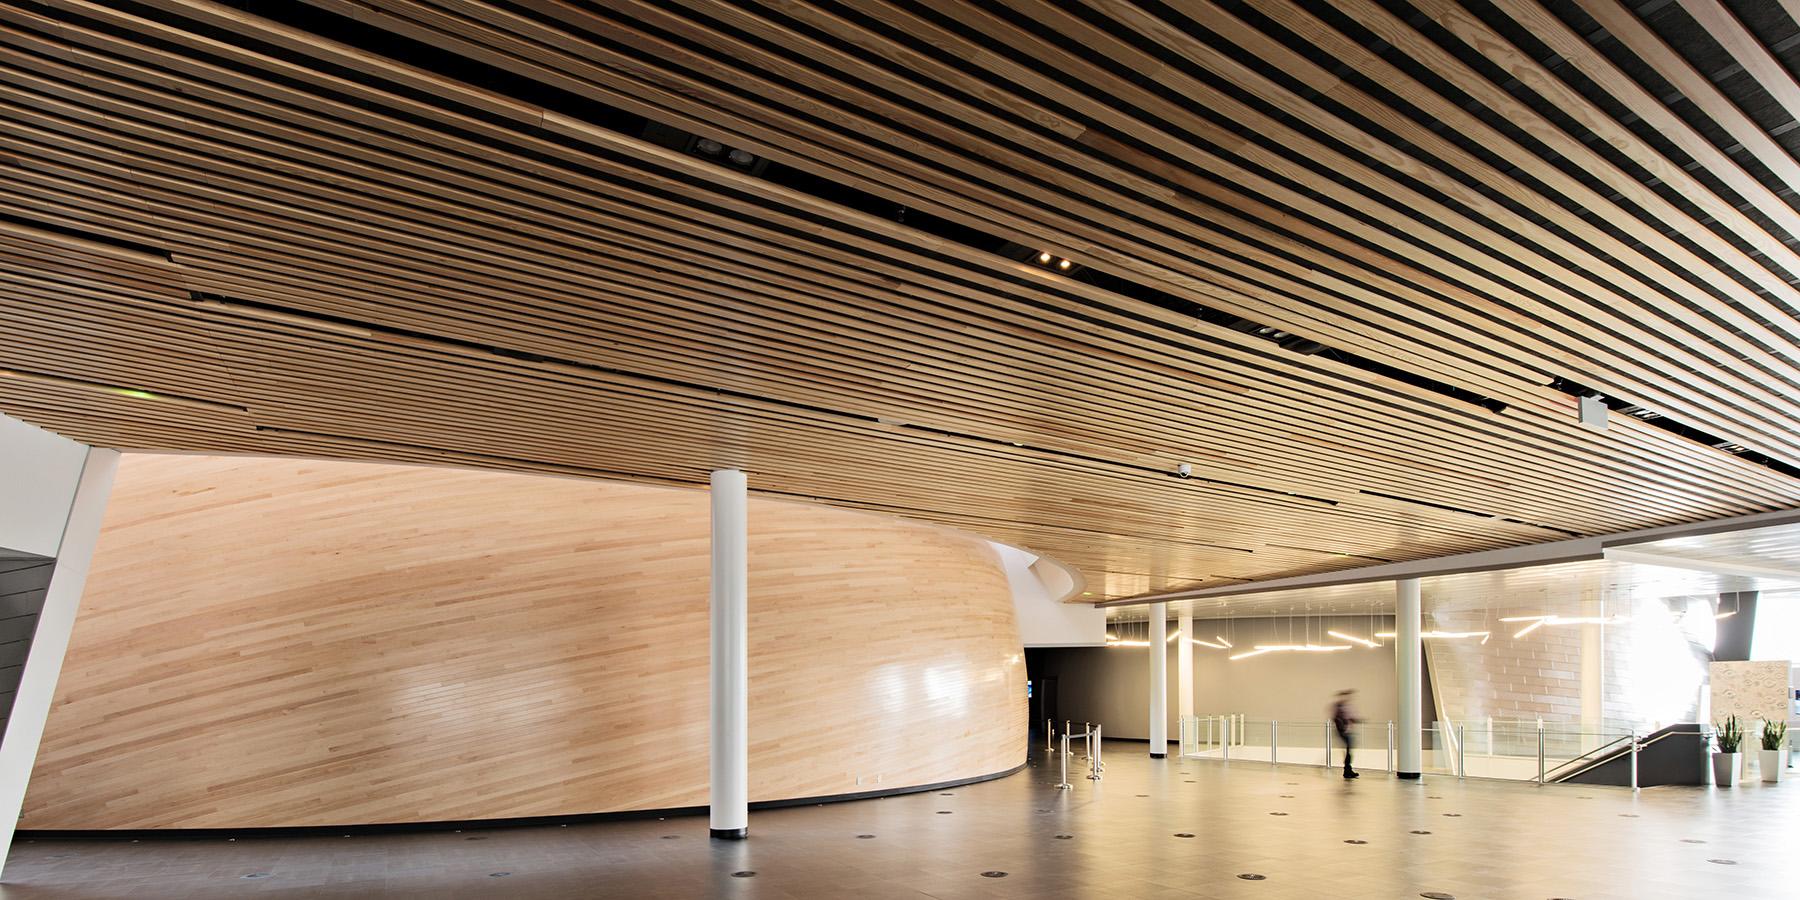 architectural-photography-montreal-planetarium-rio-tinto-alcan-007